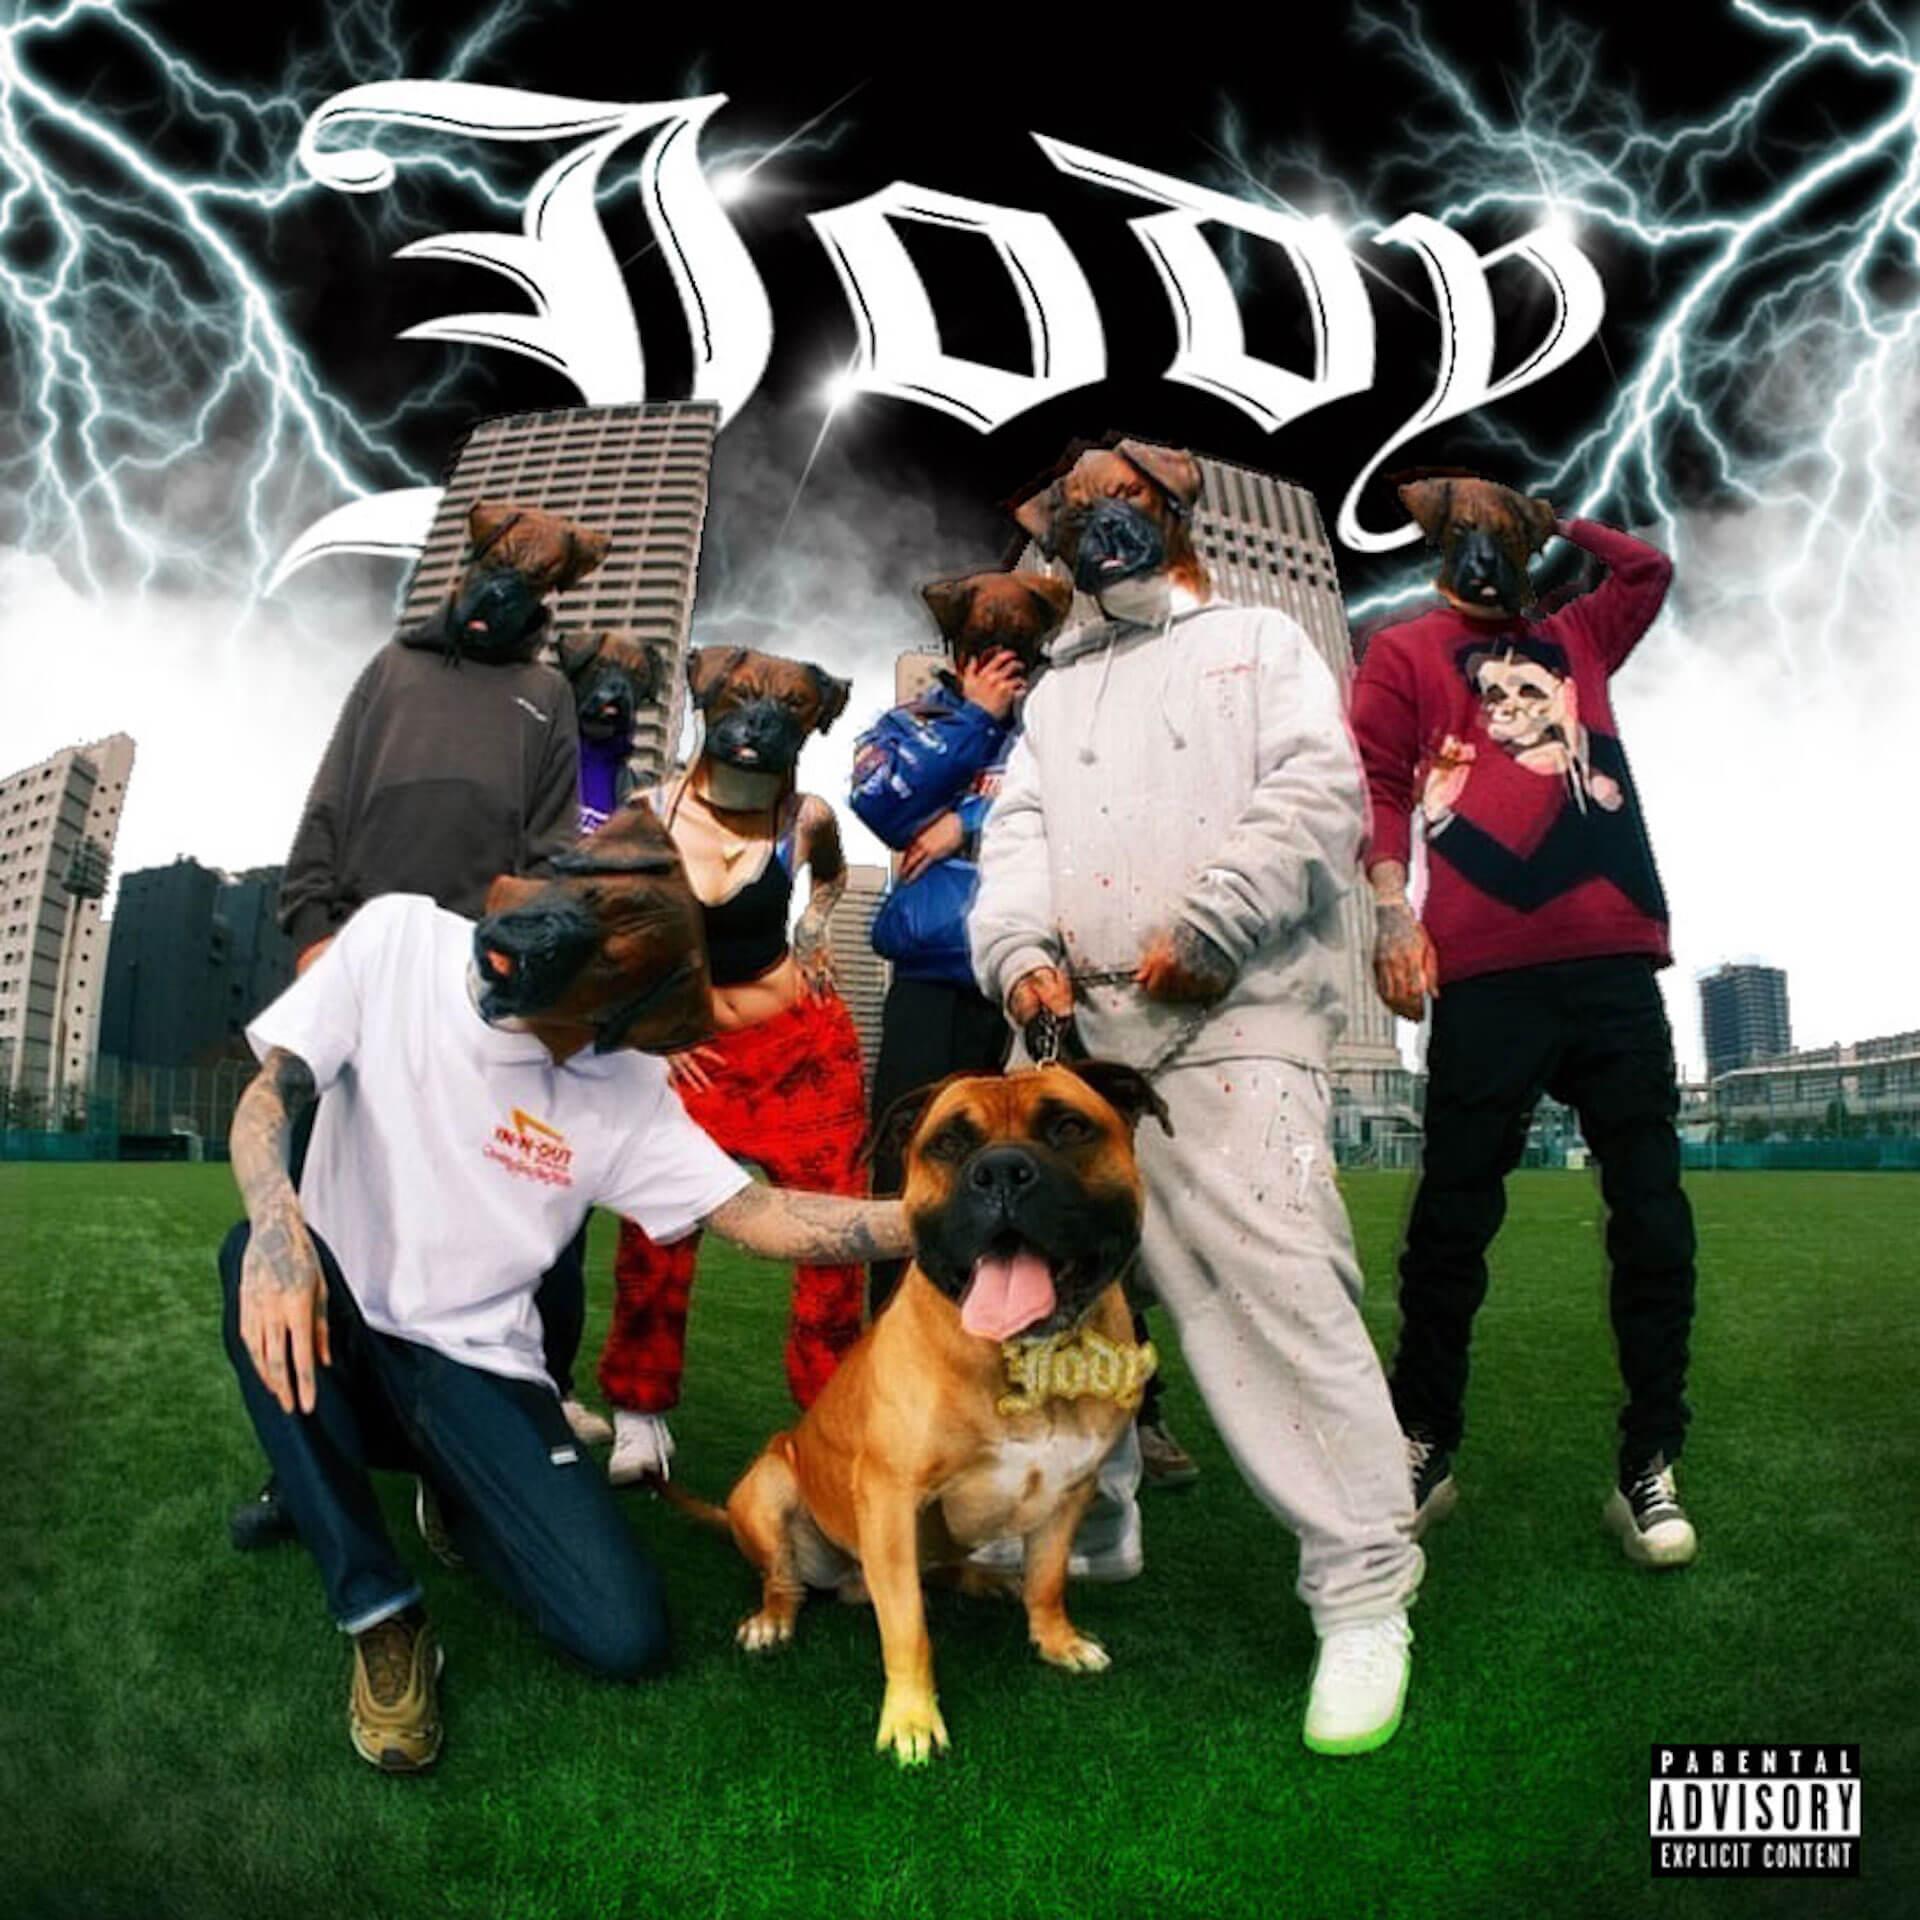 謎のコレクティブ・JODYがコンピレーションアルバムのリリースを発表!NENE、Ryugo Ishida、JNKMN、鎮座DOPENESSら参加 music210401_jody_main